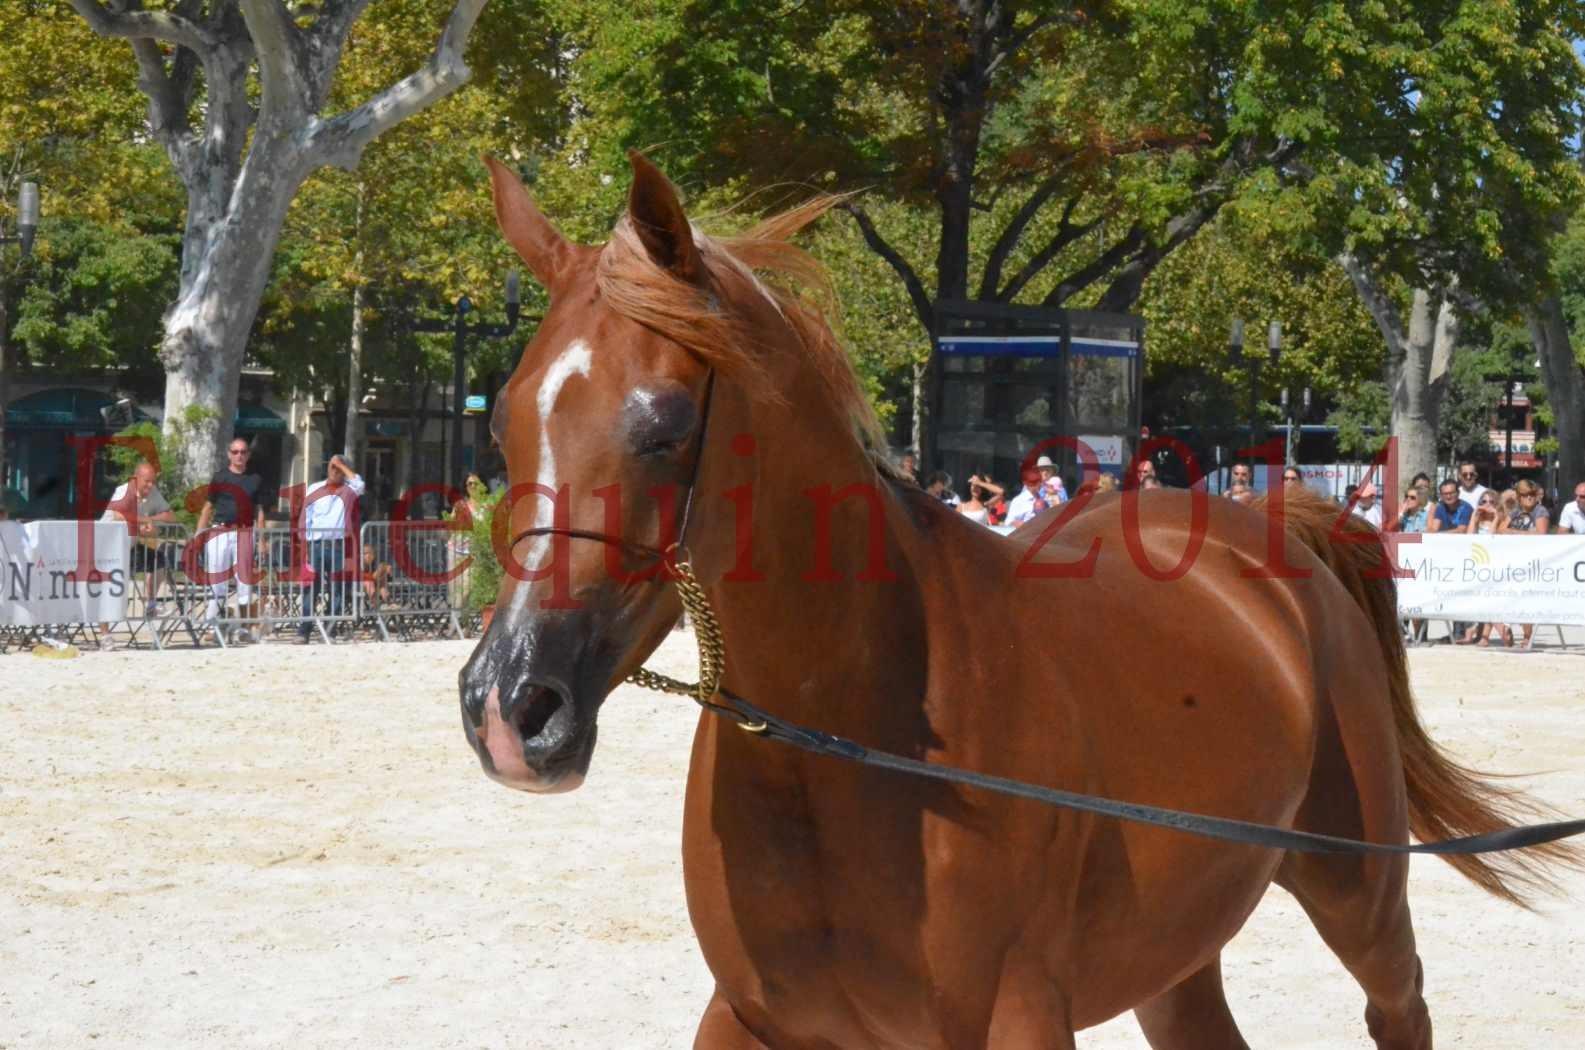 Concours National de Nîmes de chevaux ARABES 2014 - Championnat - MASSAI DE BARREL - 35